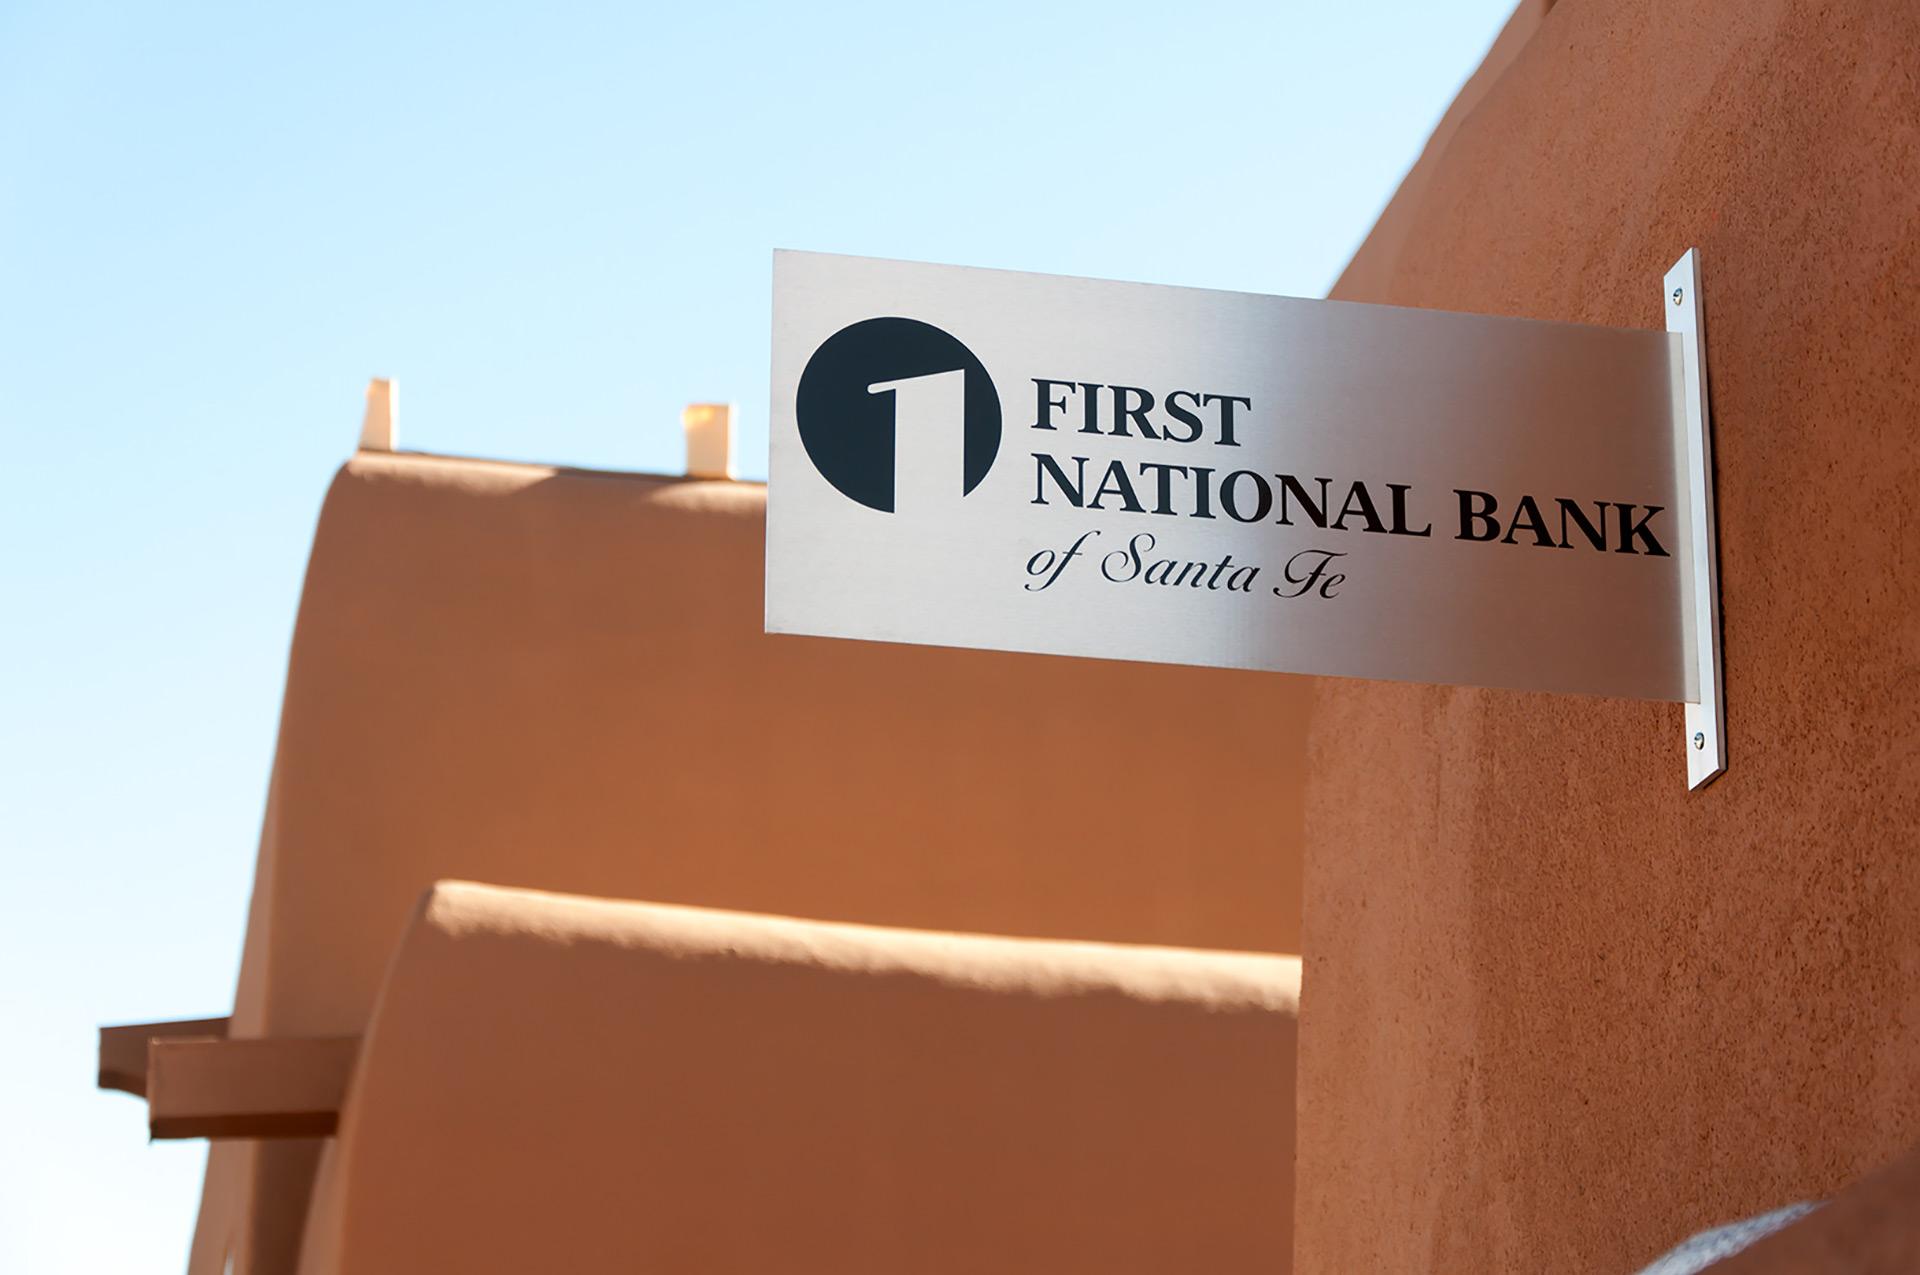 First National Bank Santa Fe